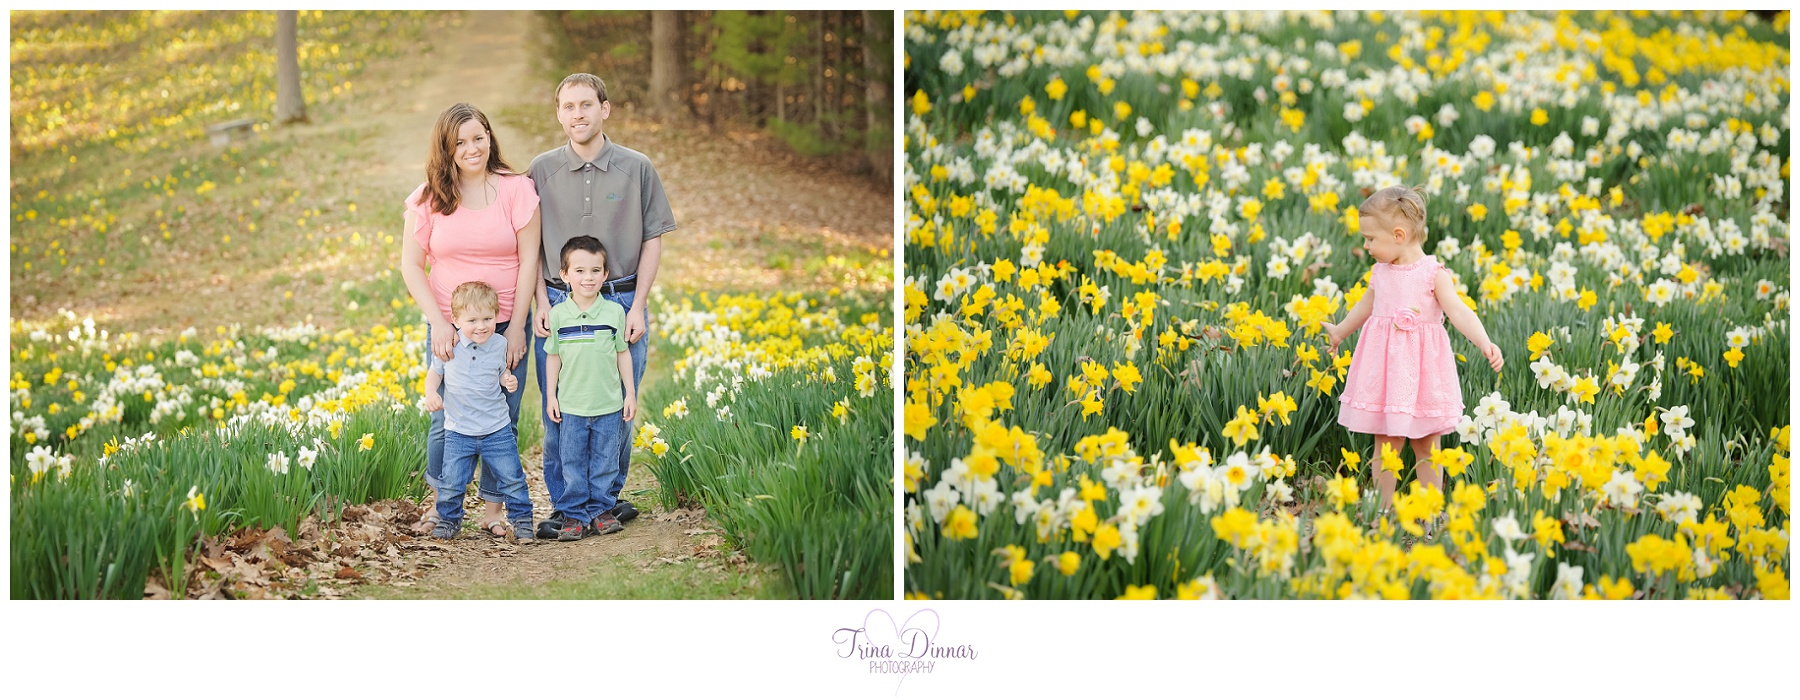 daffodil portrait sessions